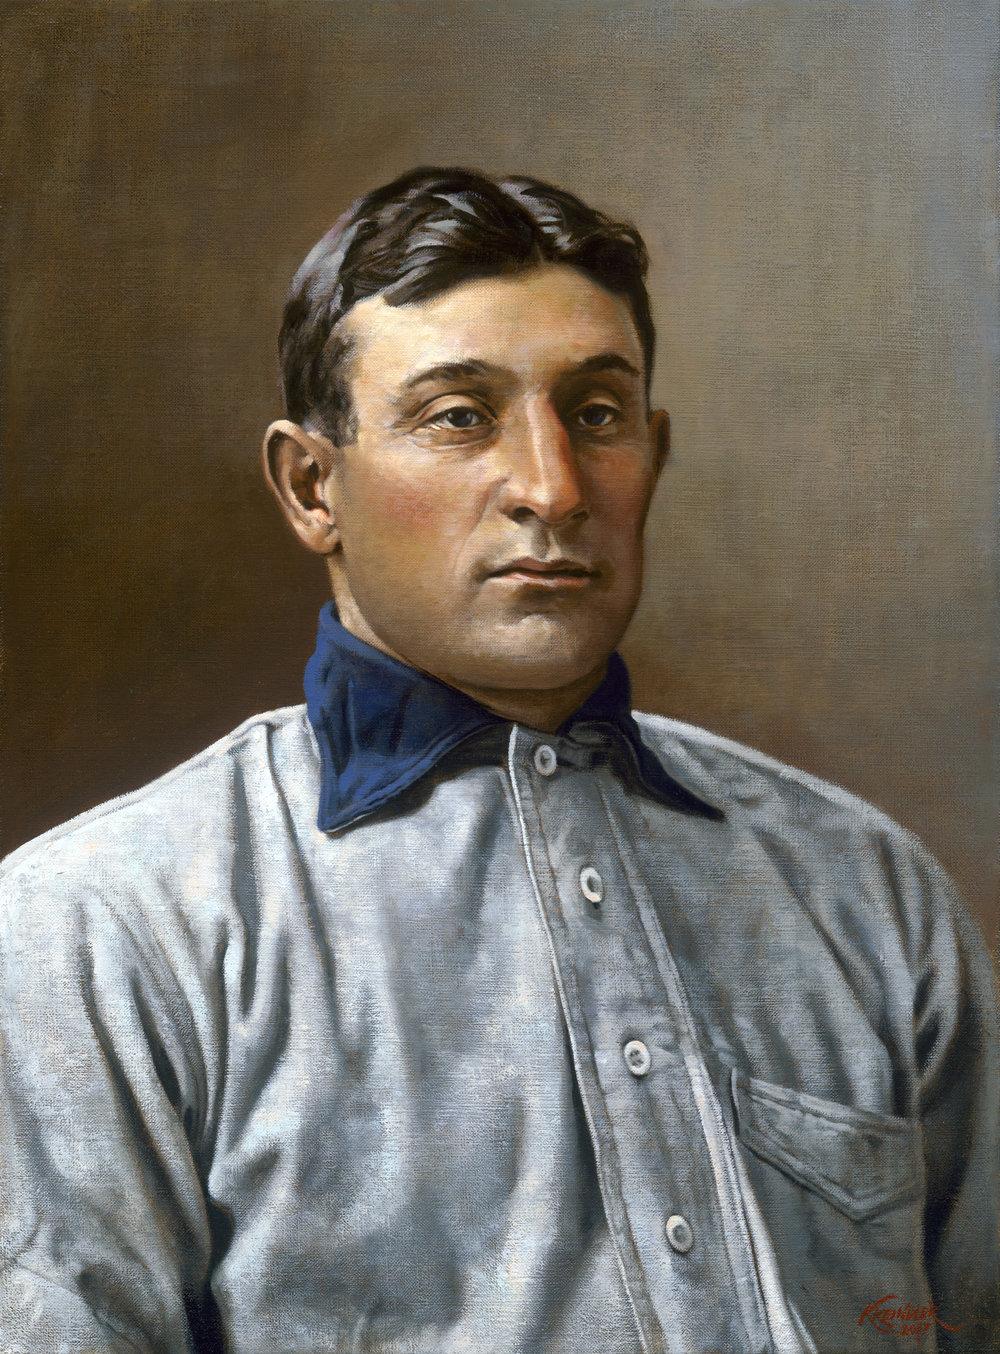 Honus Wagner, 1902